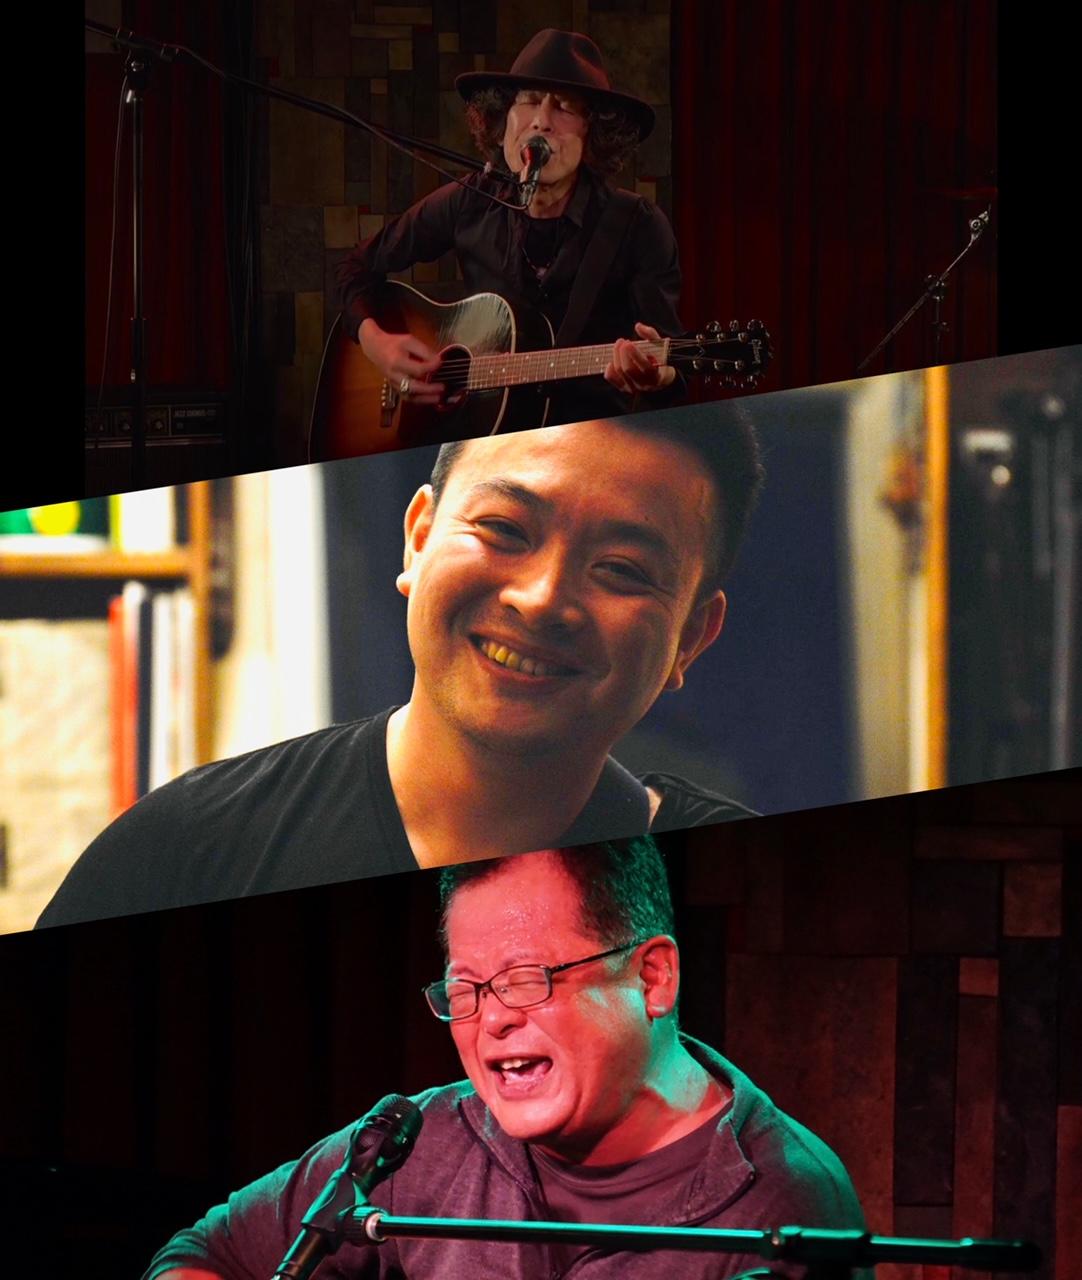 『僕たちの歌がこのメトロポリタンで風になる時』出演:YUZO / NAKAYOSHI / うたジロウ